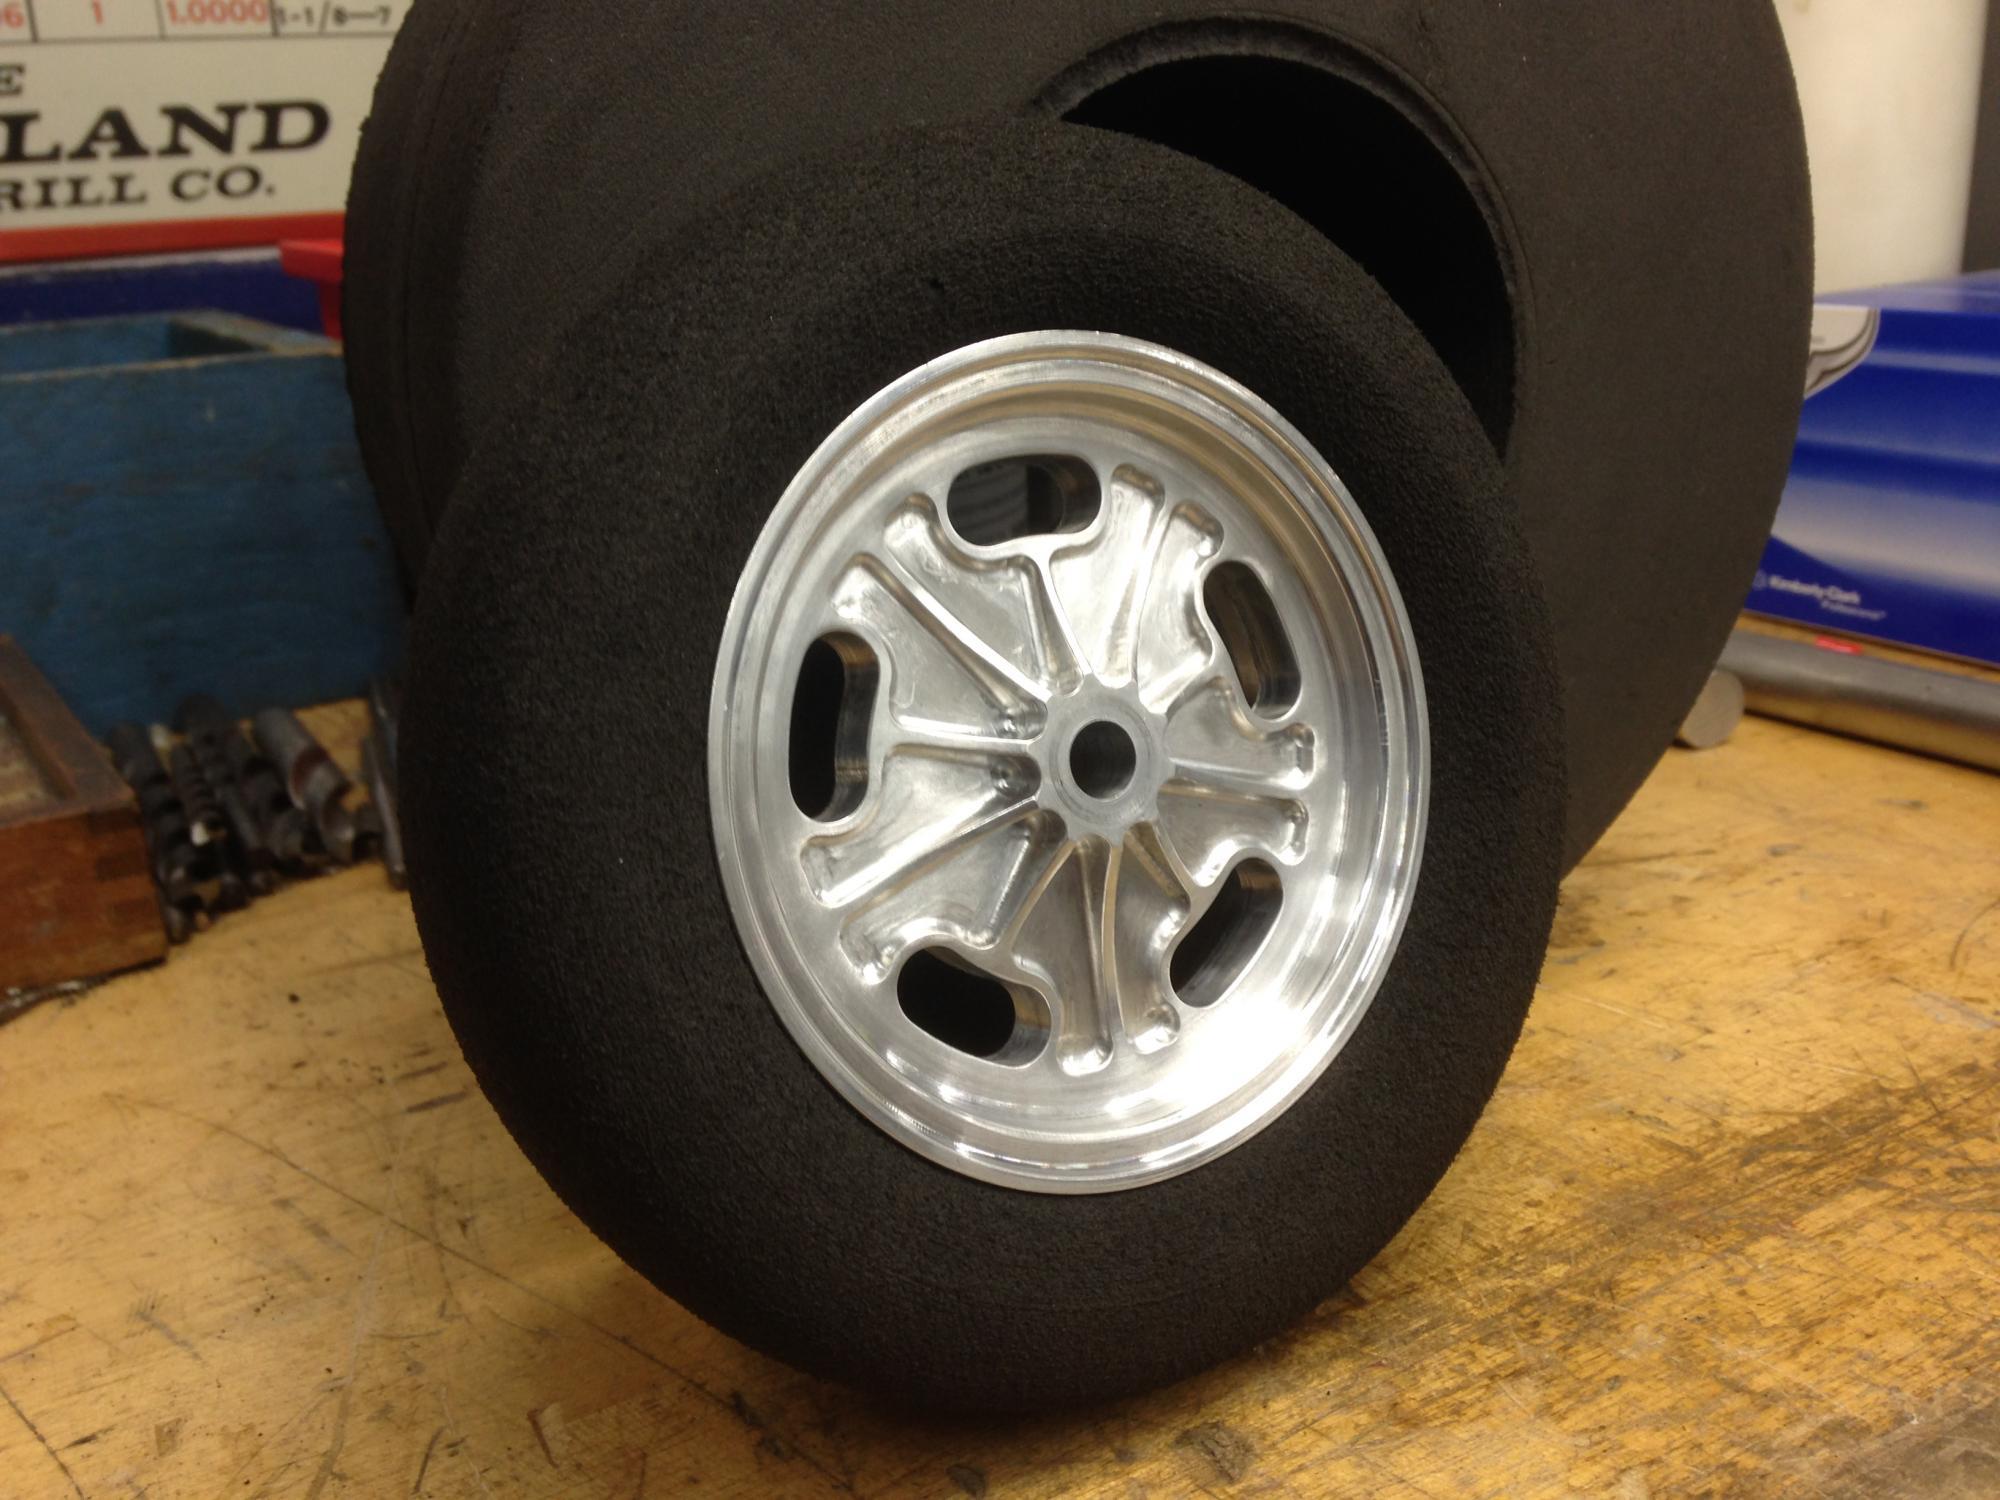 1\\4 scale RC Wheels - Big Boyz - Model Cars Magazine Forum